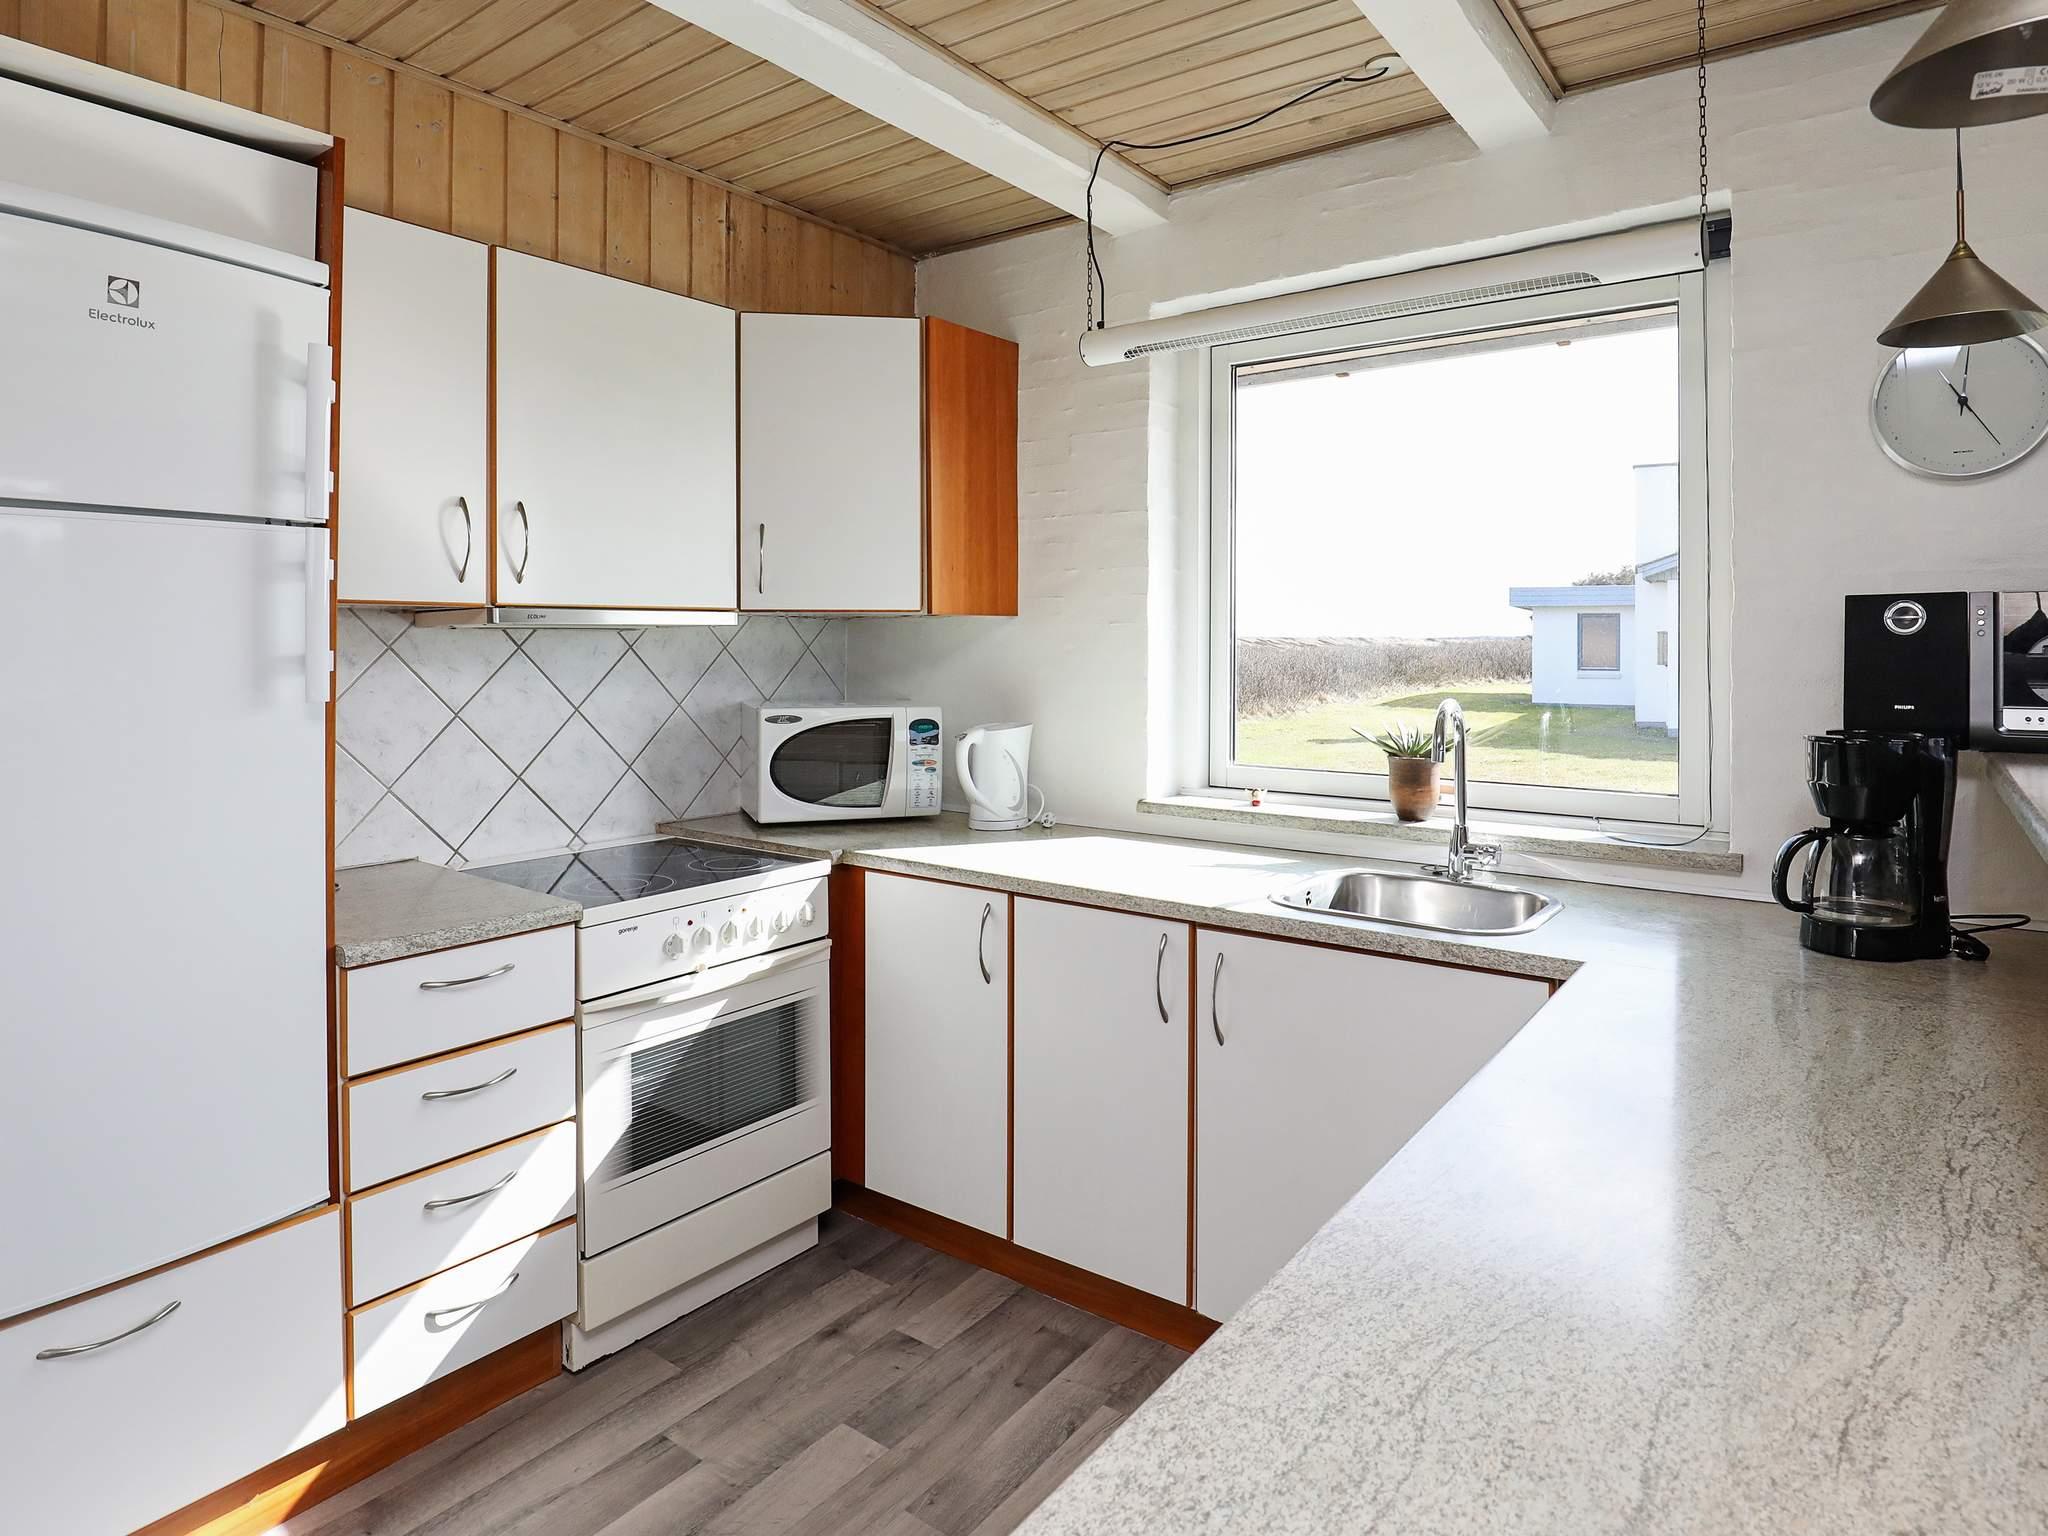 Ferienhaus Agger (81750), Vestervig, , Limfjord, Dänemark, Bild 4